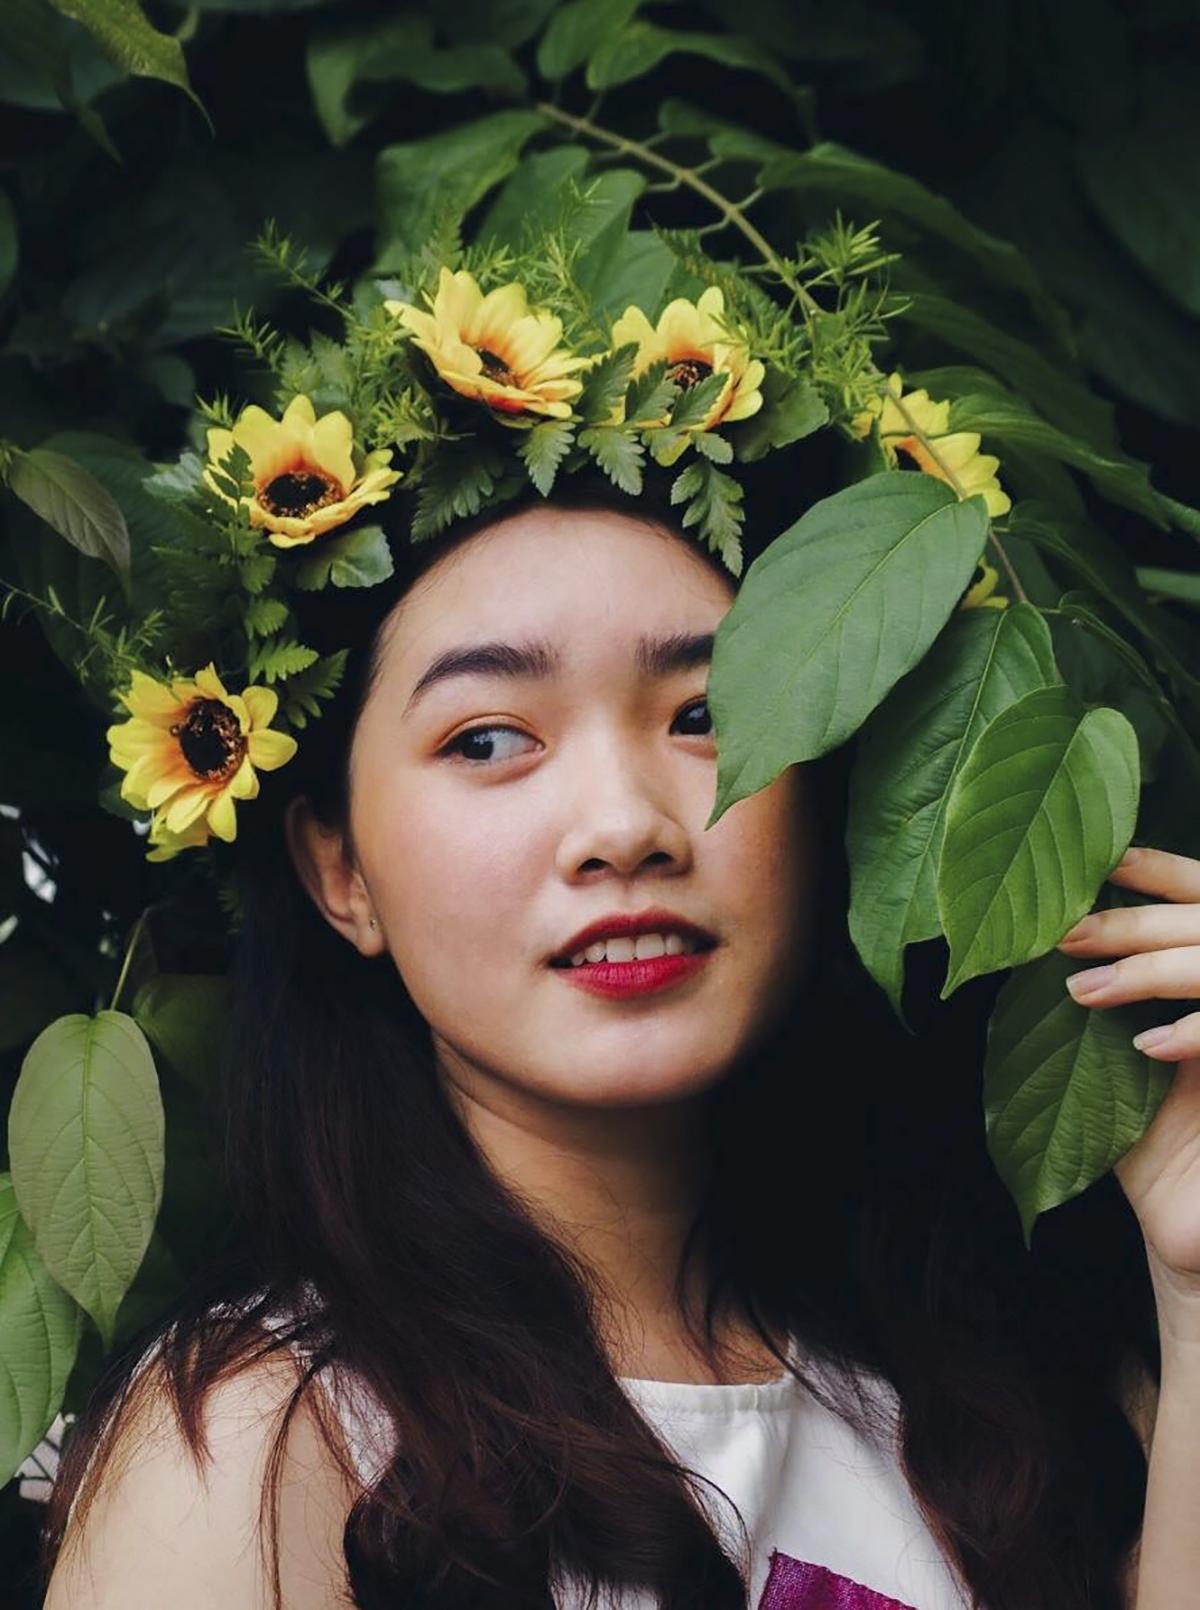 Không kém phần thu hút là Trần Thúy Vân (FA.G0) với phụ kiện vòng hoa vàng trên đầu xinh xắn.